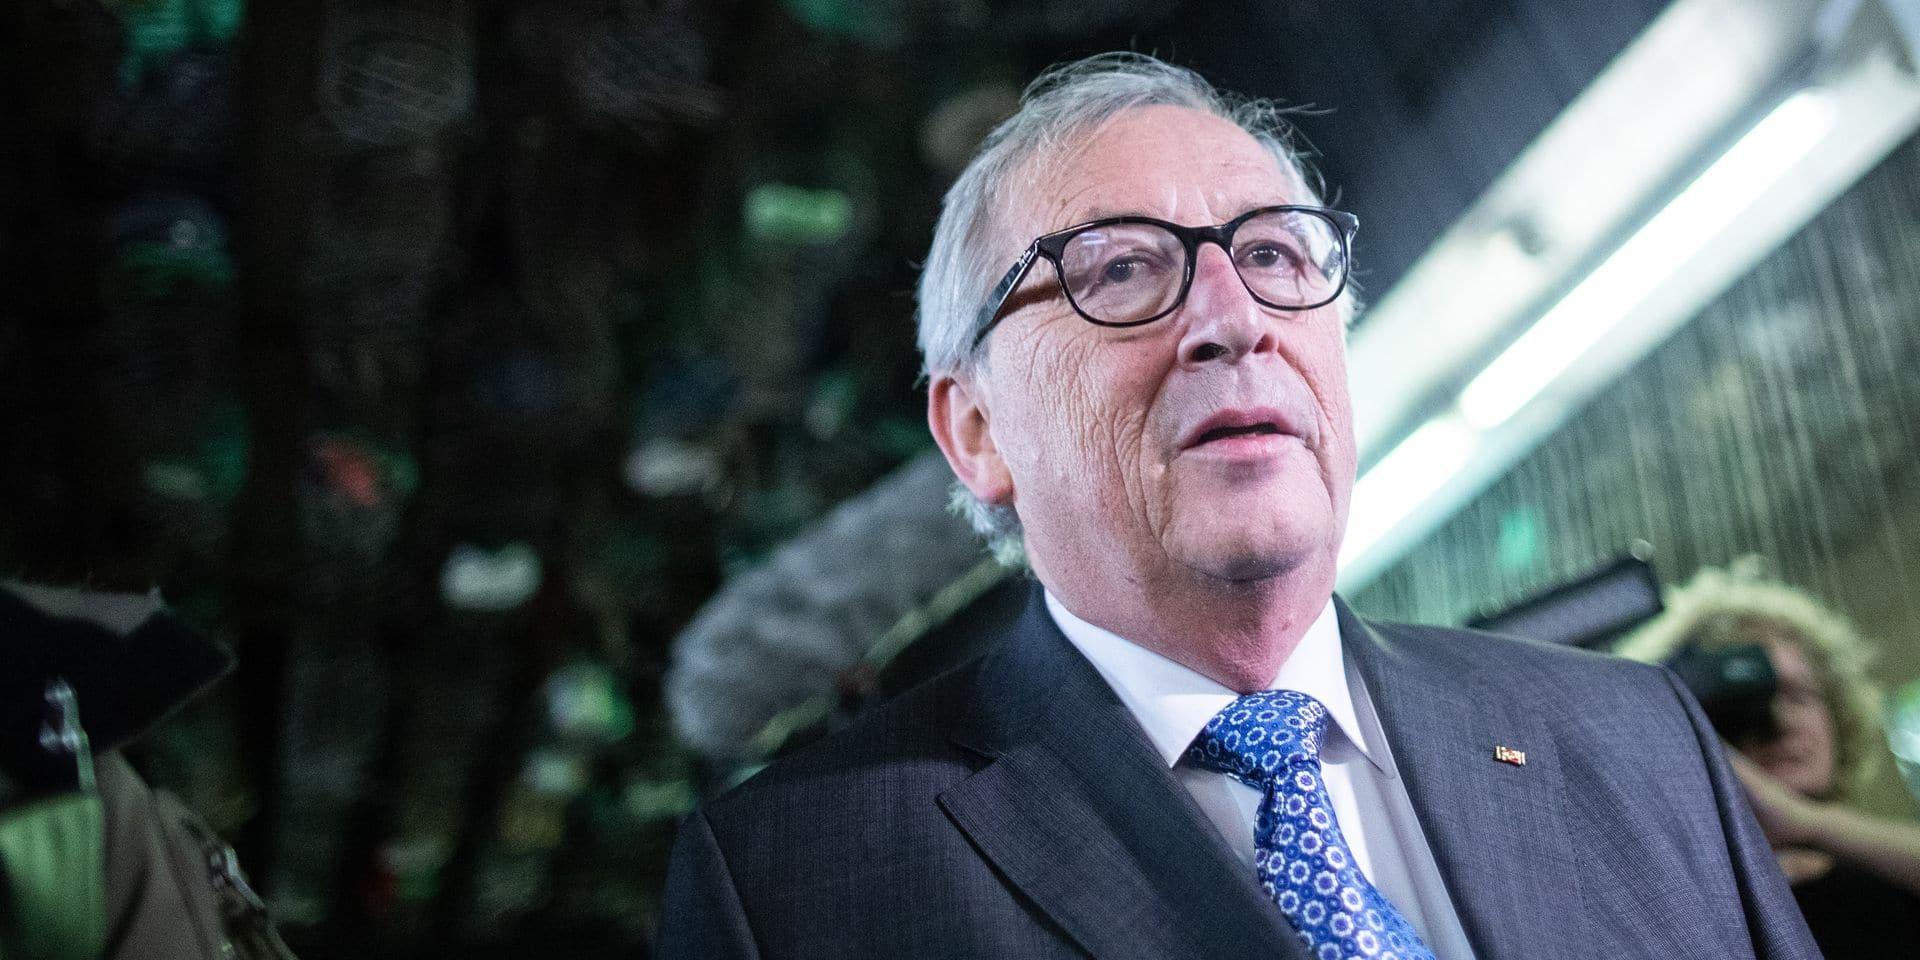 Frontières extérieures de l'UE: Juncker accuse les Etats membres d'hypocrisie abyssale